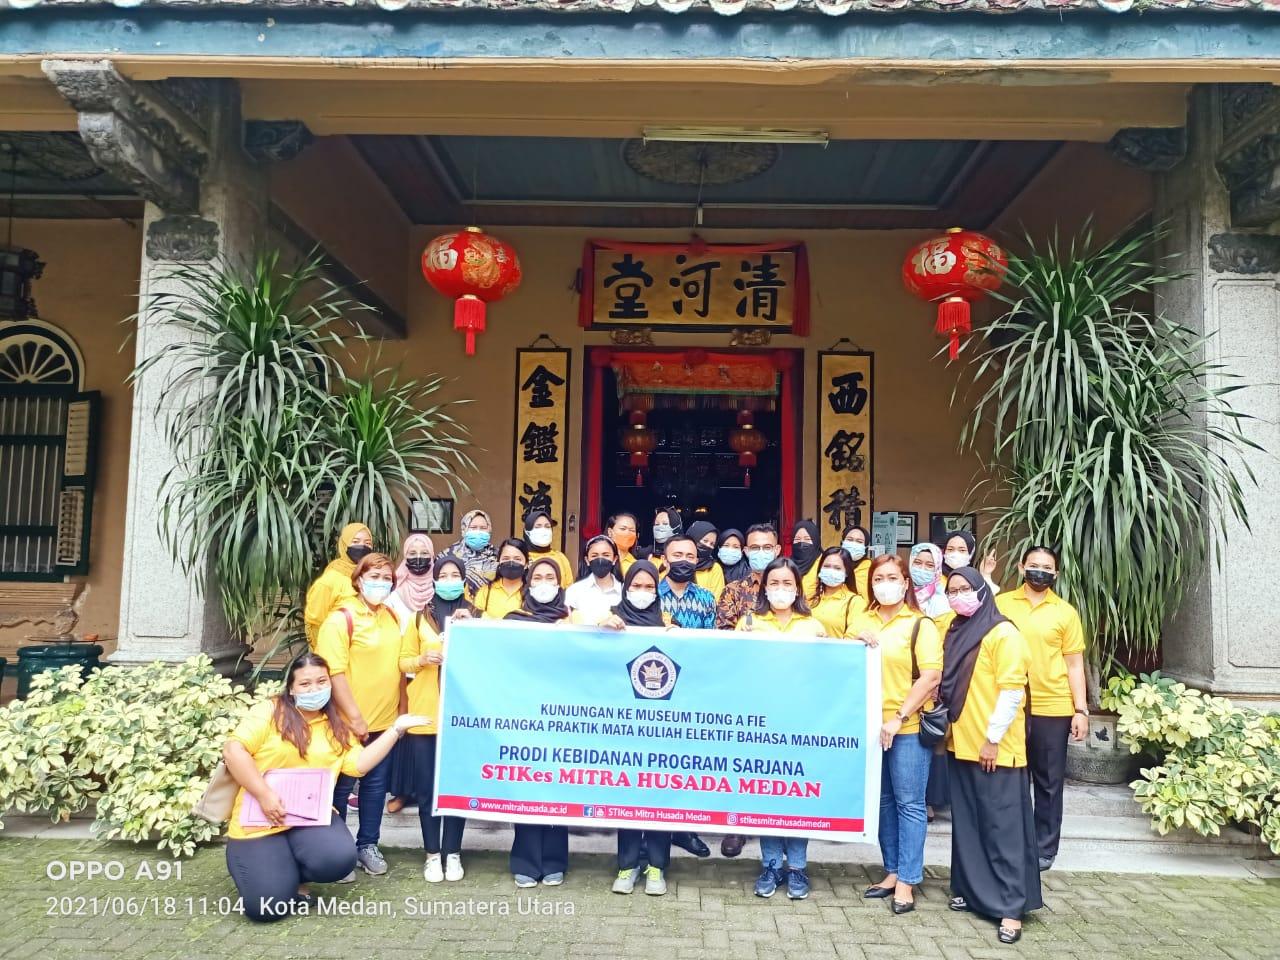 Implementasi Praktik Bahasa Mandarin Ke Museum Tjong A Fie Mansion